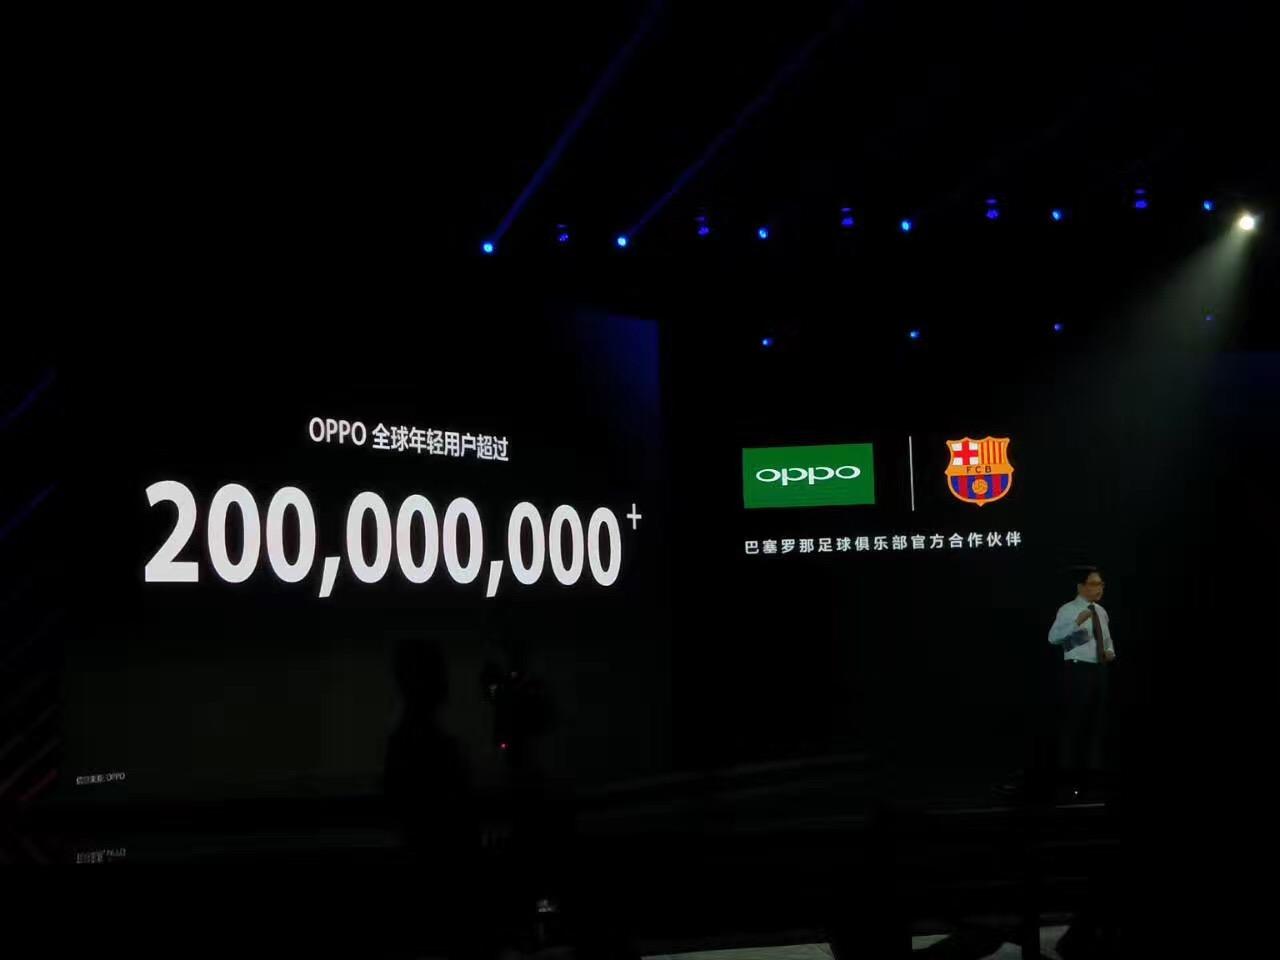 全球超2亿年轻用户的OPPO 今晚正式发布R11巴萨限量版